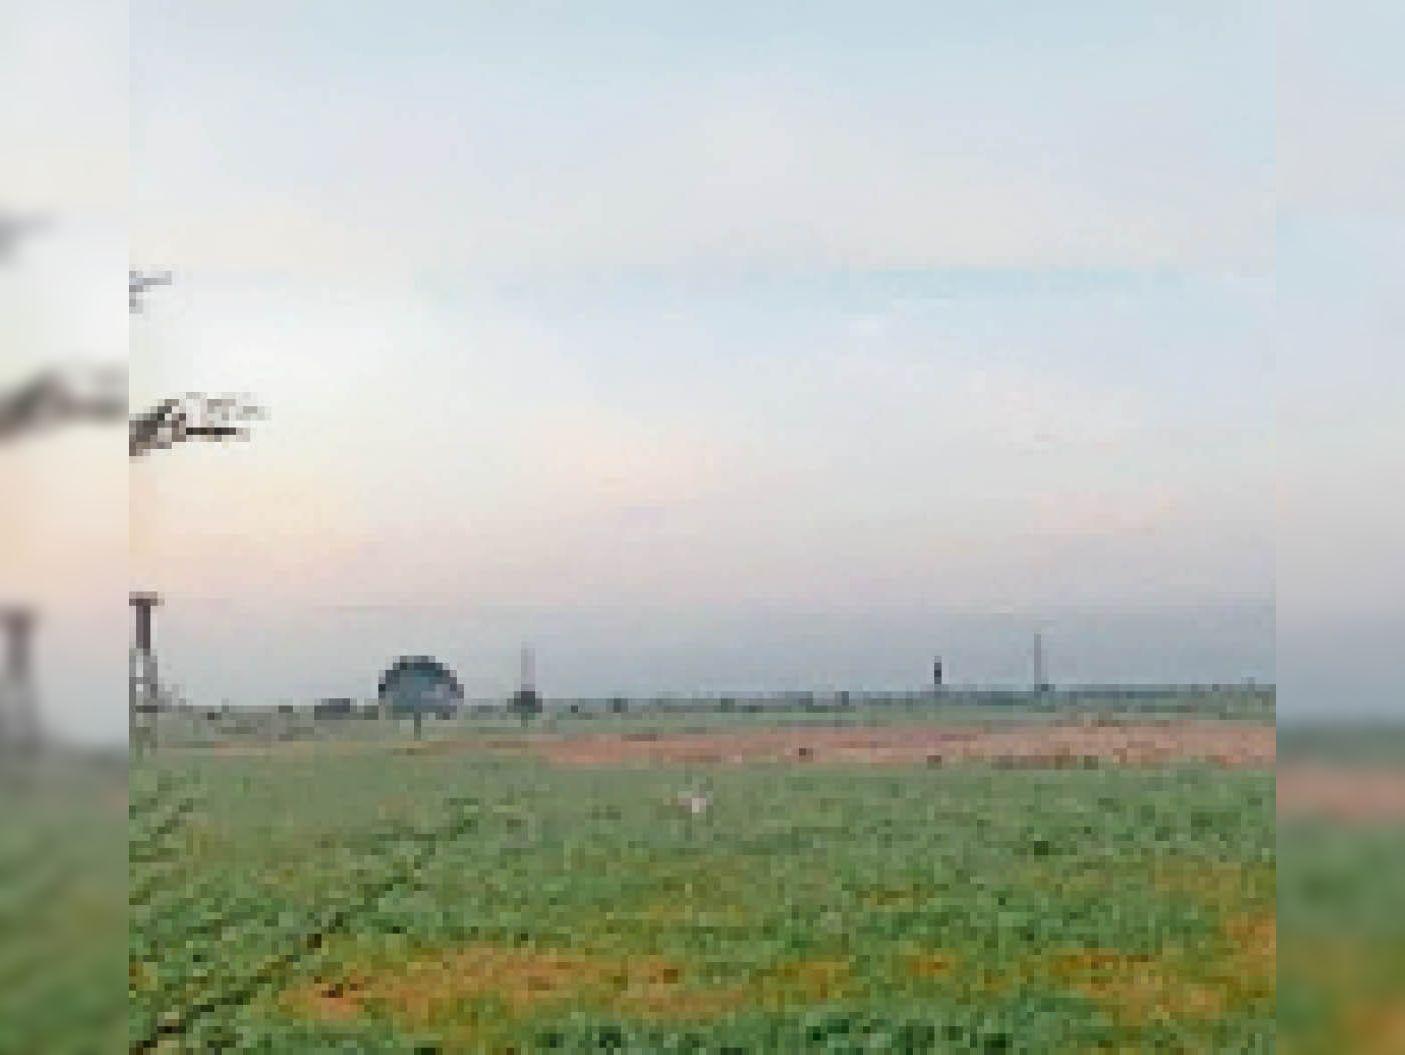 दमोह  गैसाबाद में जिस जगह पर सीमेंट प्लांट लगना है वहां पर इन दिनों किसानों द्वारा खेती की जा रही है। - Dainik Bhaskar